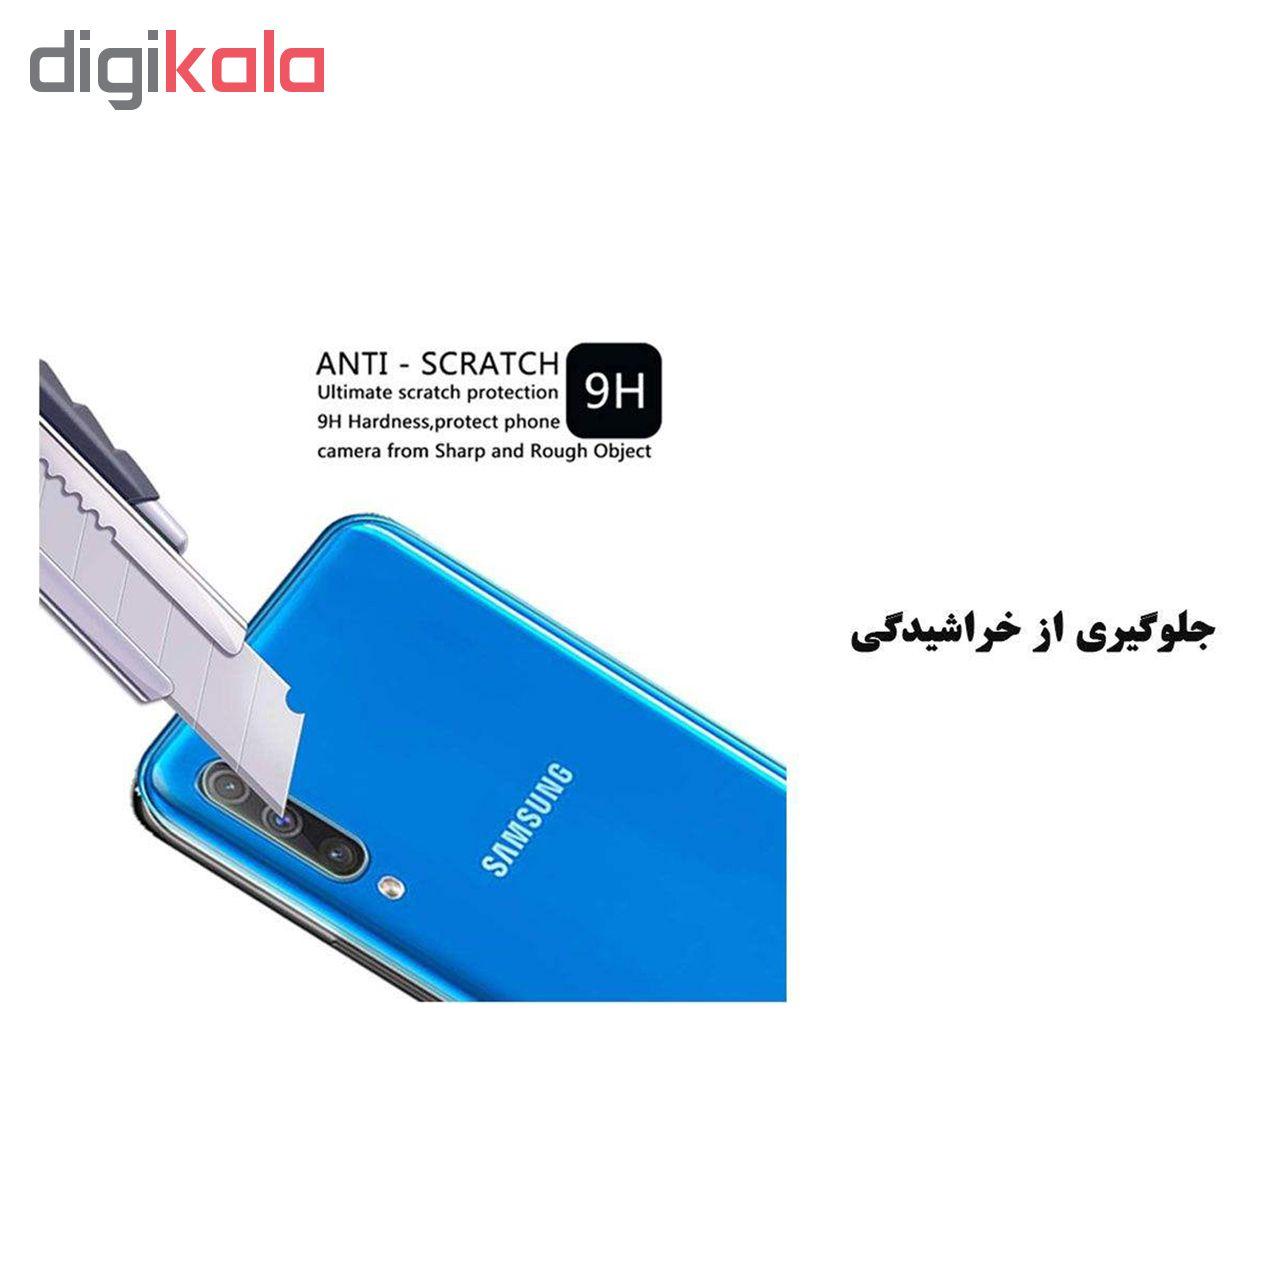 محافظ صفحه نمایش ملو مدل 07-Fu مناسب برای گوشی موبایل سامسونگ Galaxy A20 به همراه محافظ لنز دوربین main 1 5